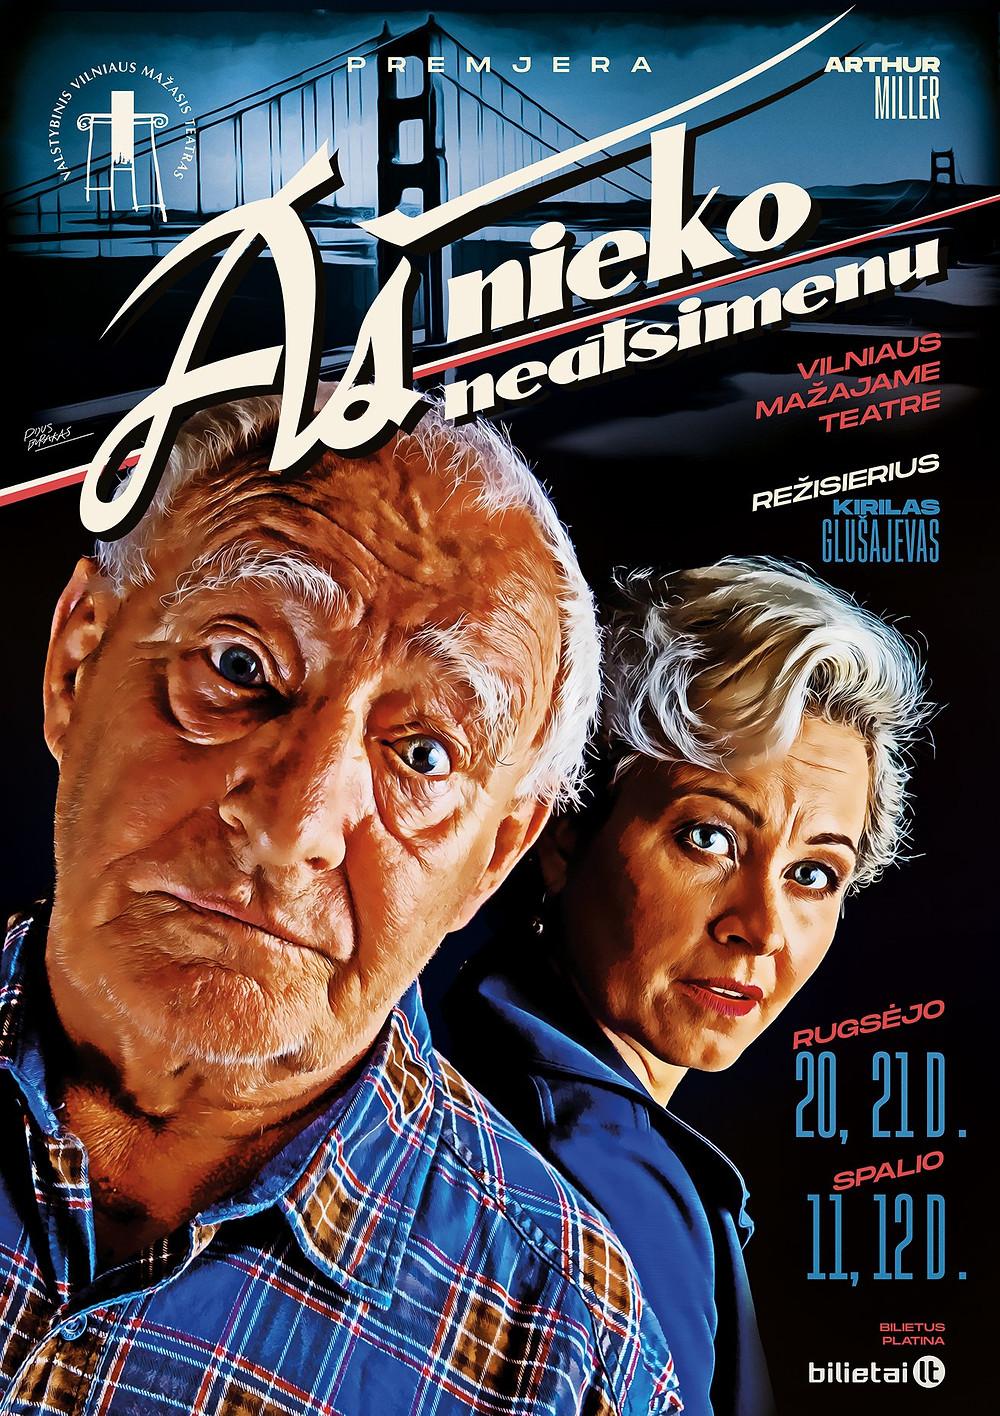 """Teatrinio plakato publikos prizas. """"Aš nieko neatsimenu"""", aut. Pijus Burakas_2018Teatrinio plakato publikos prizas. """"Aš nieko neatsimenu"""", autorius Pijus Burakas 2018"""